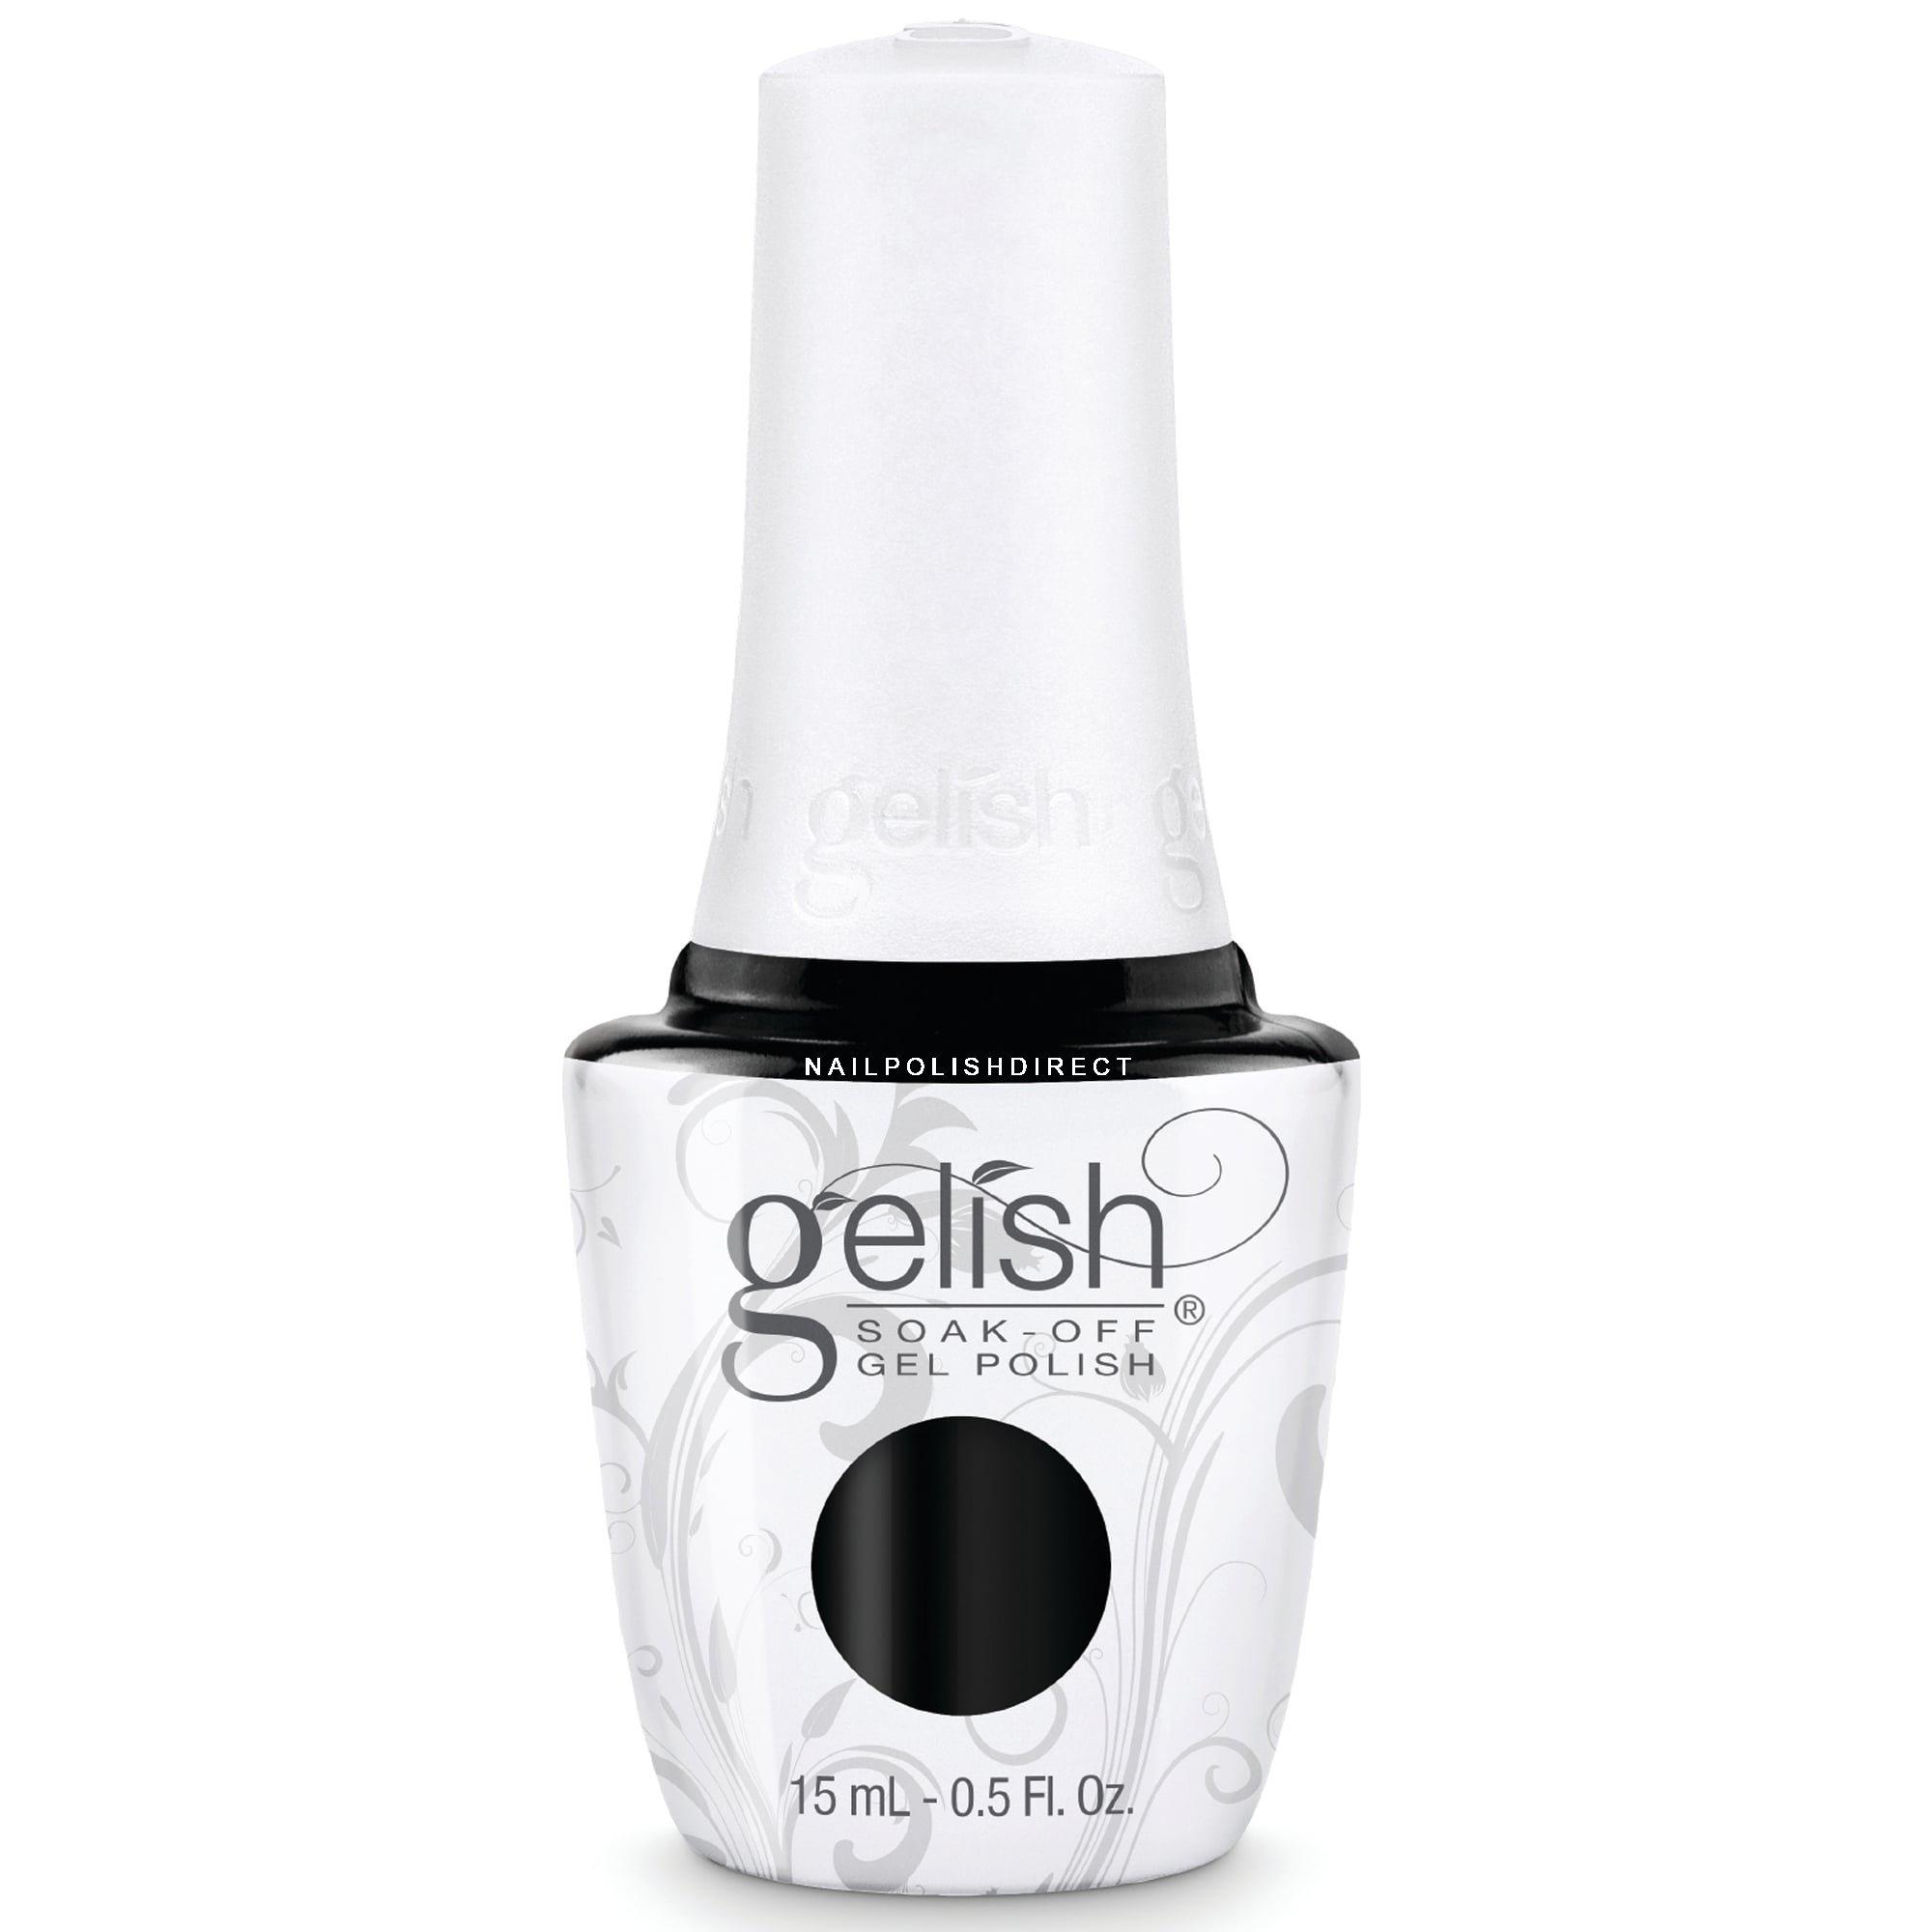 Black Gel Nail Polish: Gelish Soak-Off Gel Nail Polish